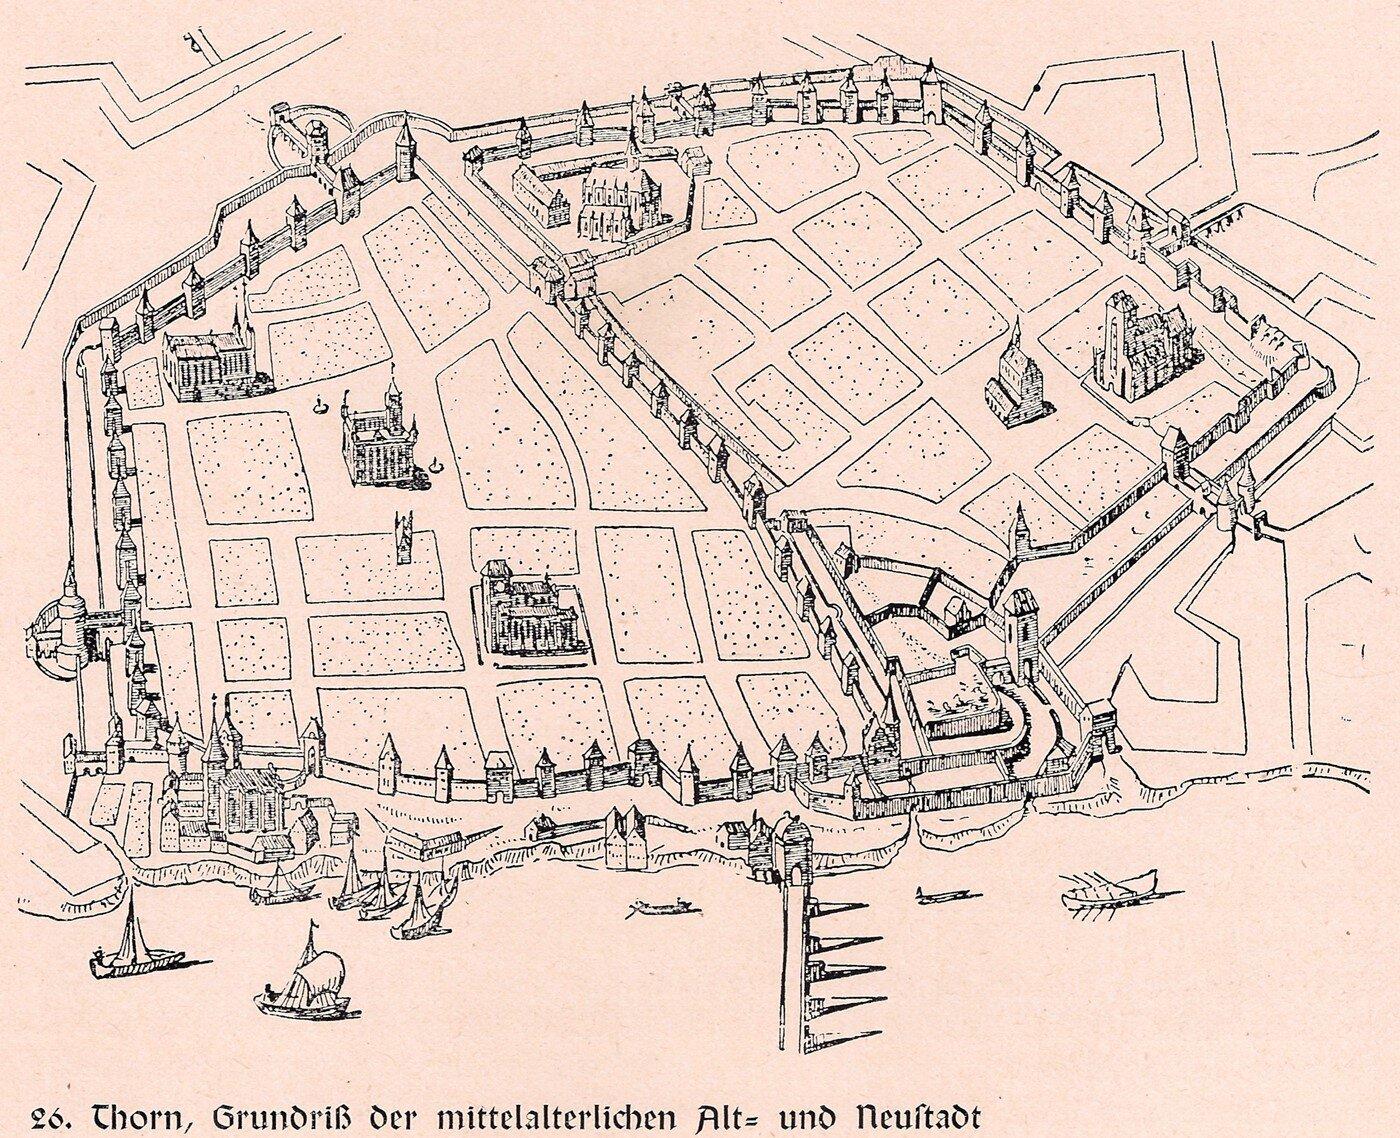 Ilustracja przedstawia mapę miasta Toruń z1641 roku. Na mapie widać mury zwieżyczkami otaczające miasto. Mur biegnie również przez środek miasta. Zaznaczone są na mapie działki, na niektórych znajdują się budowle. Udołu planu znajduje się rzeka, którą płyną statki iłodzie.